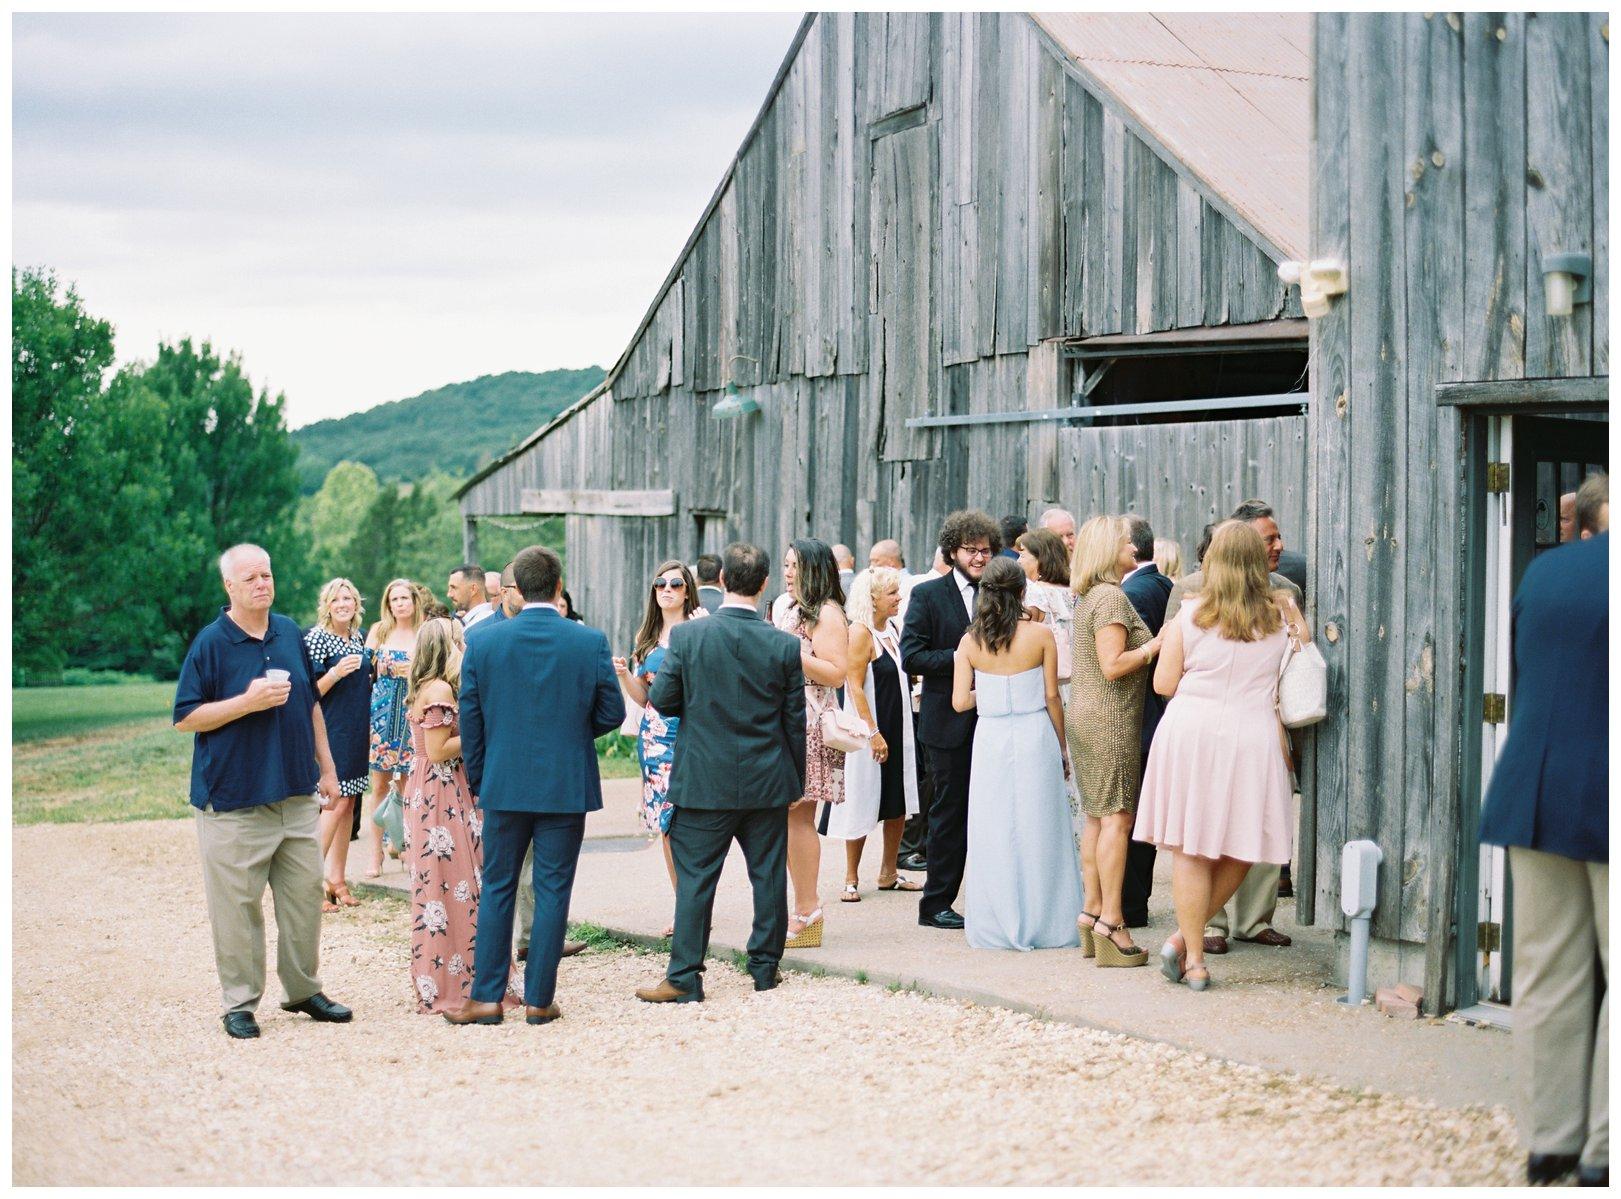 lauren muckler photography_fine art film wedding photography_st louis_photography_2384.jpg